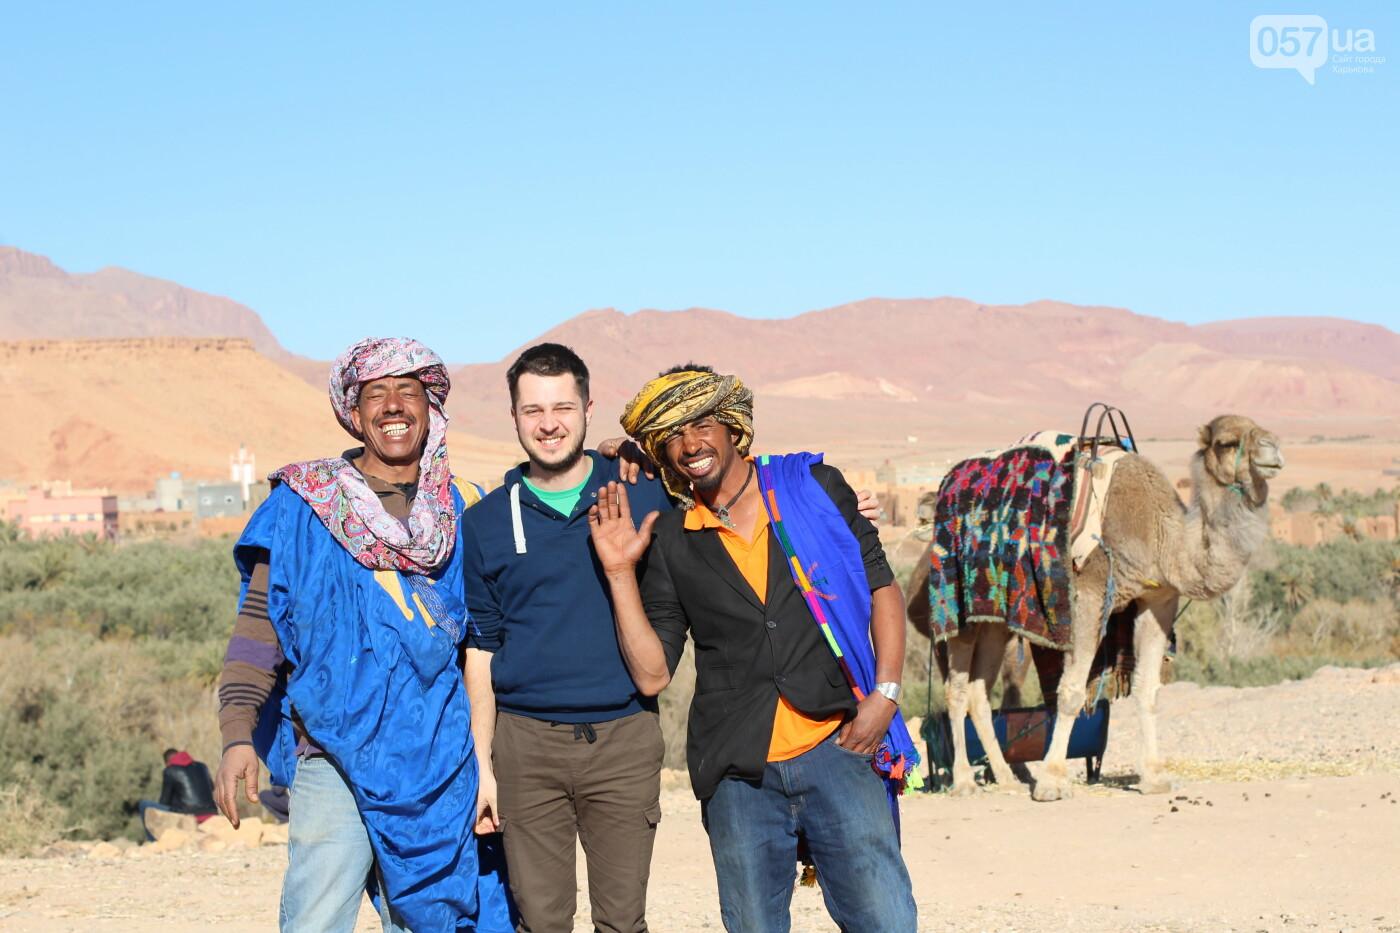 Из Харькова в Африку. Как добраться, на что посмотреть и что попробовать в Королевстве Марокко, - ФОТО, фото-28